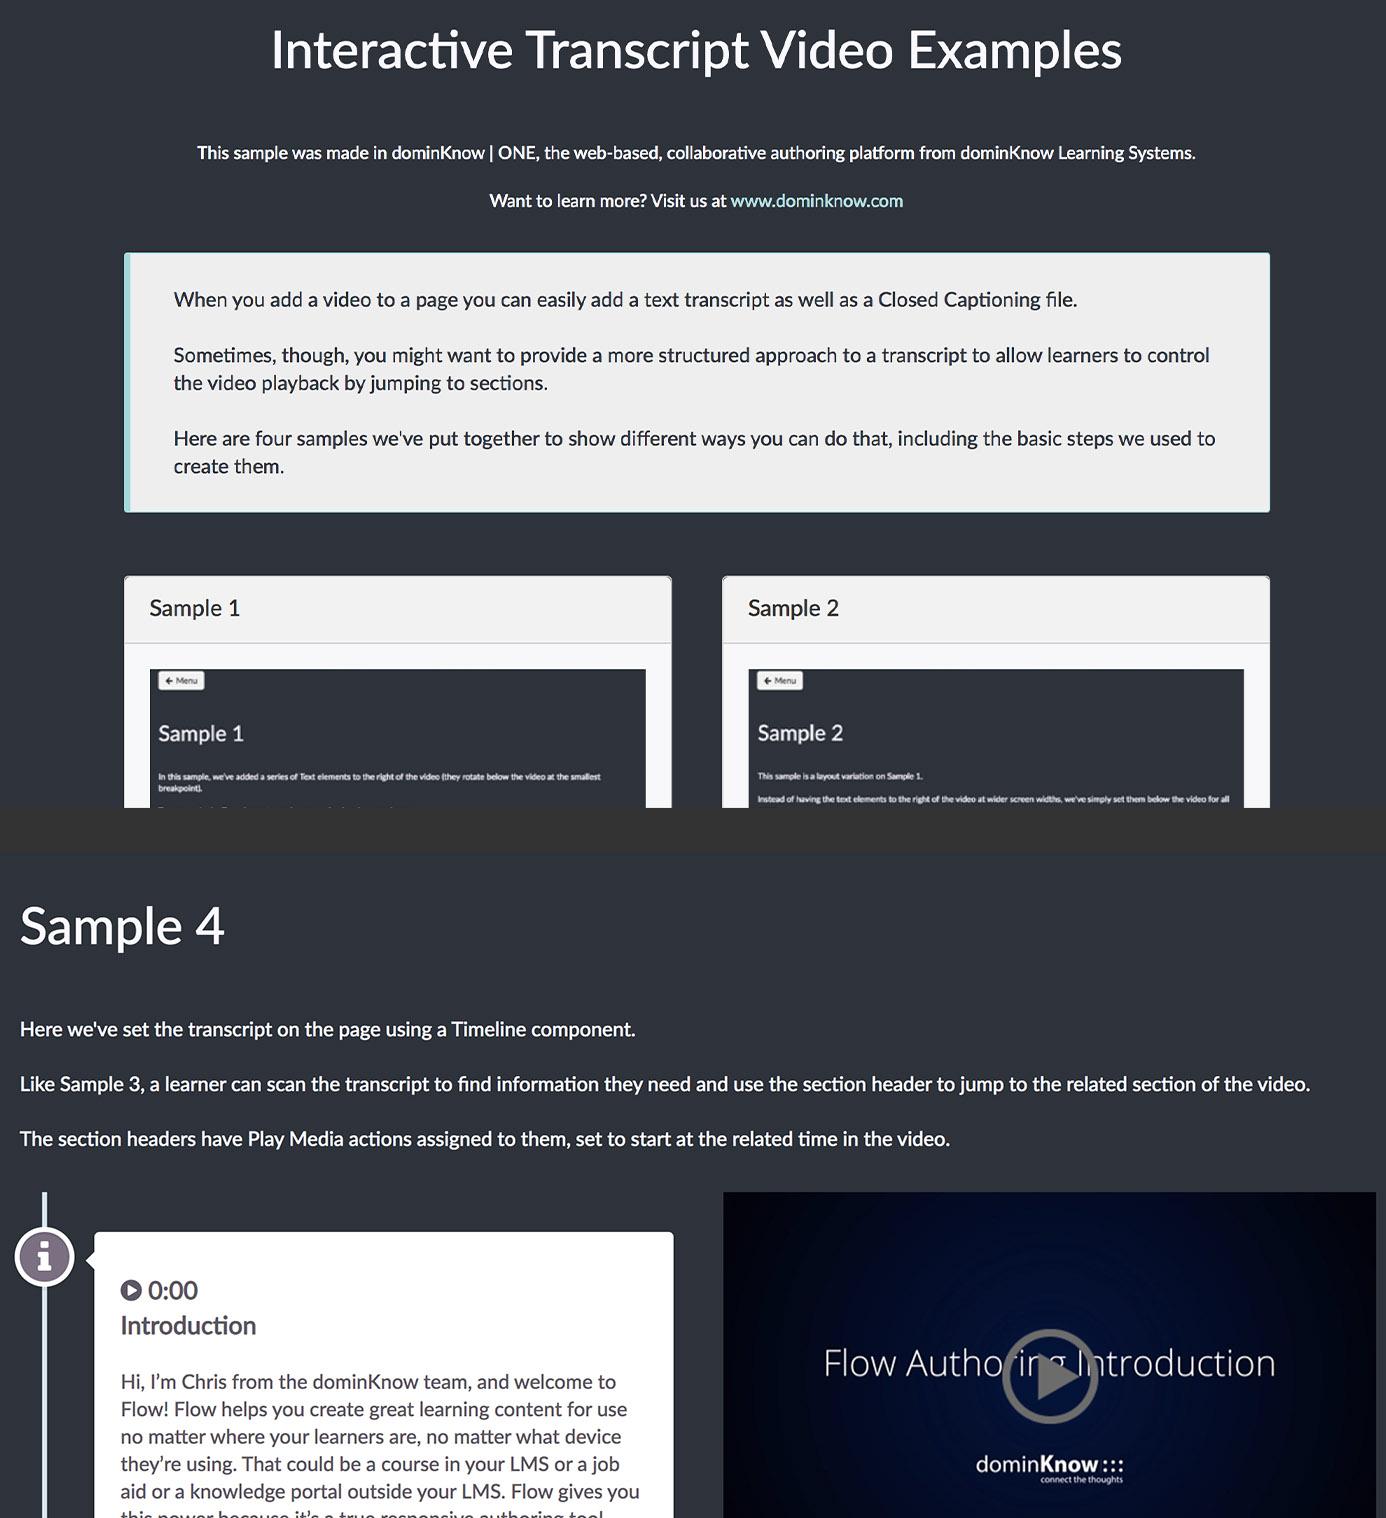 Interactive Transcript Video Examples screenshots